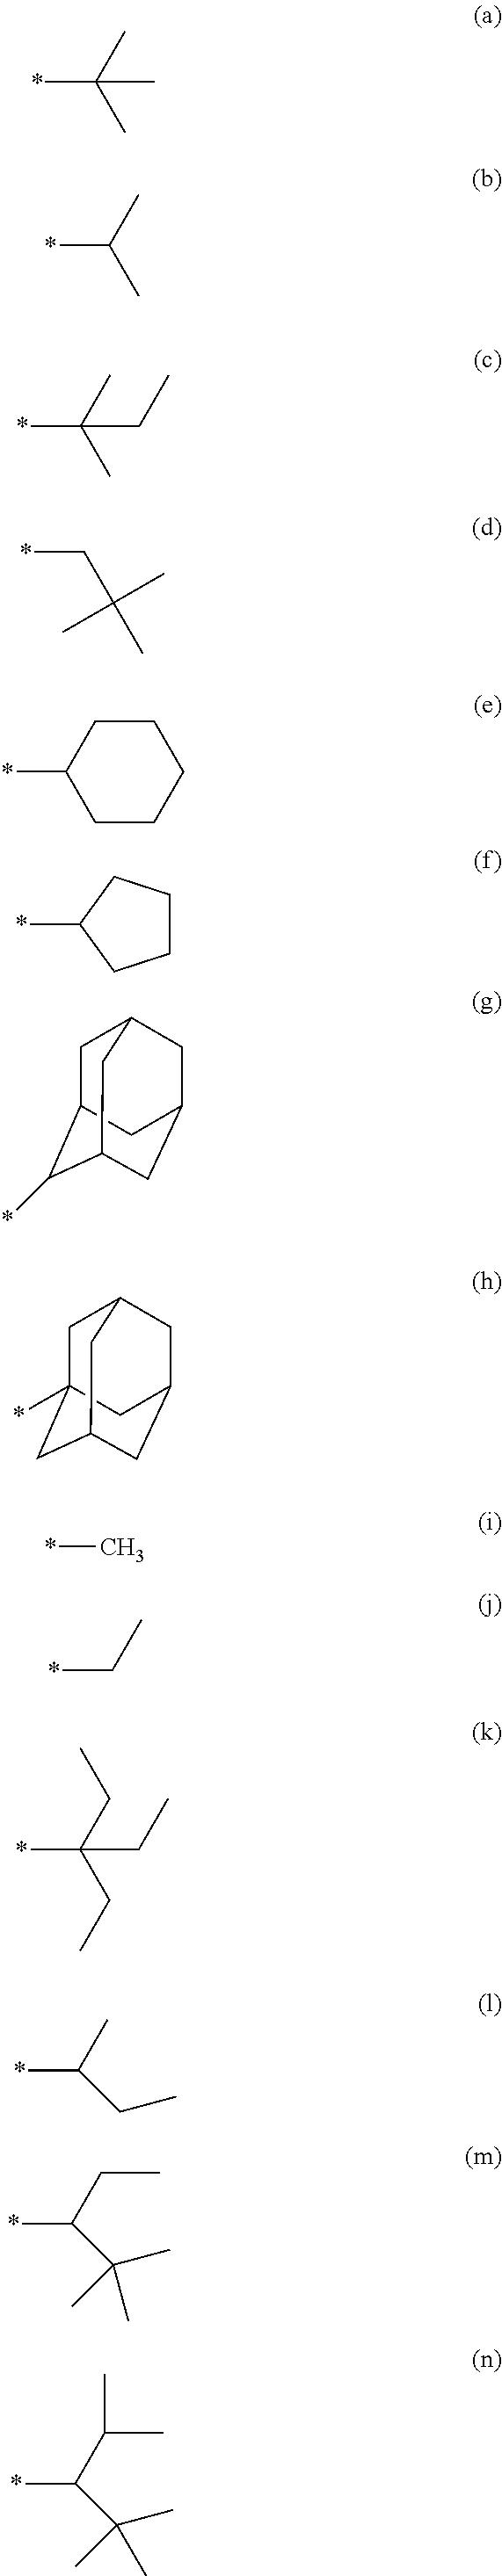 Figure US08847141-20140930-C00019